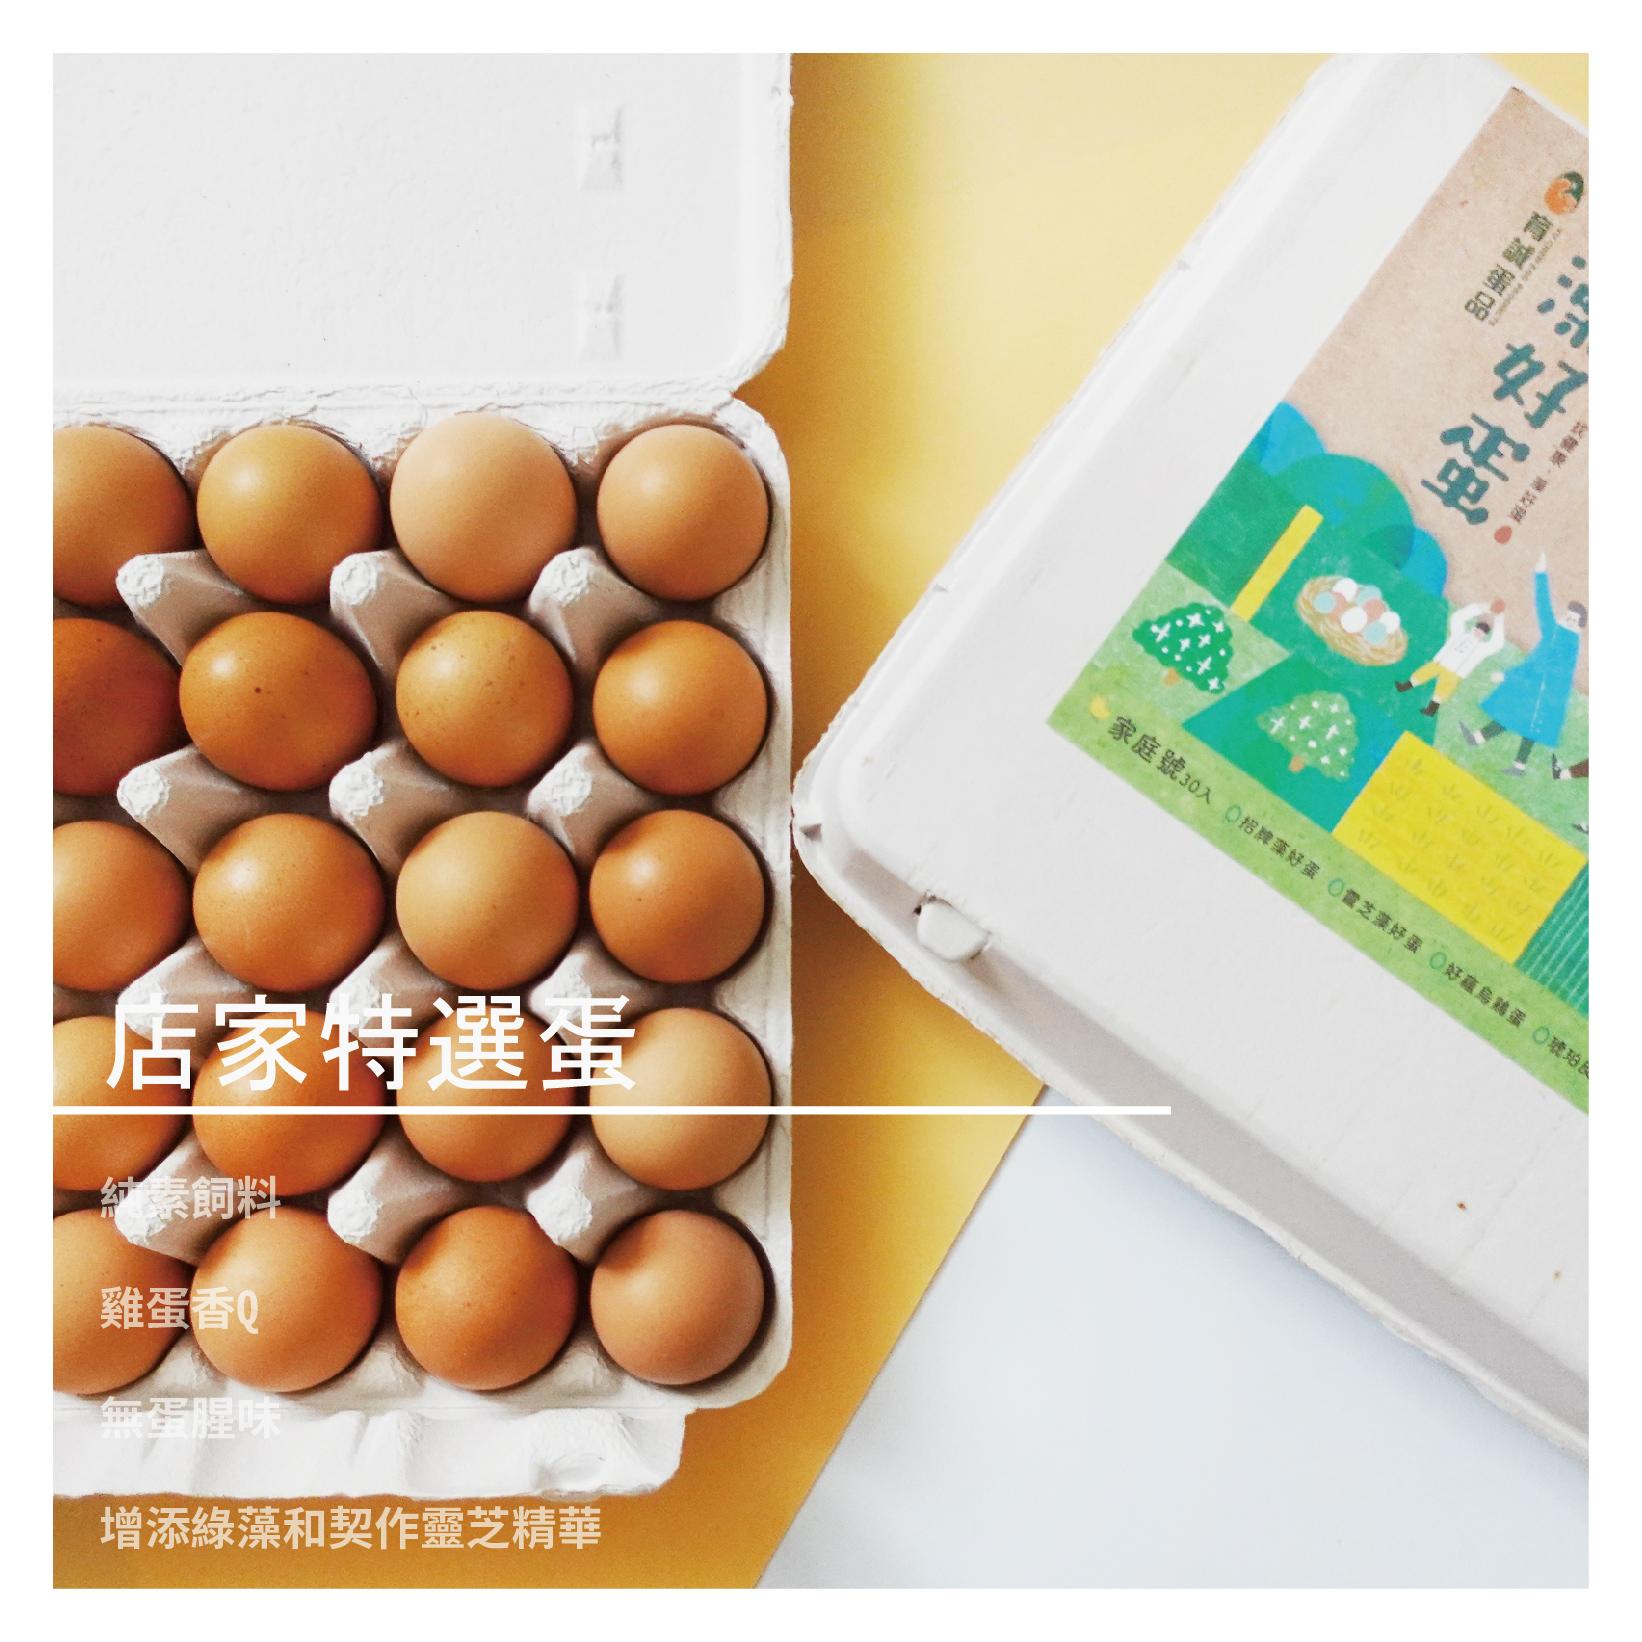 任何料理方式都適合,尤其是溫泉蛋、水波蛋、茶碗蒸、美式蛋捲、炒蛋任何以蛋為主的料理 甜點製作上表現佳,蛋白易打發、不易消泡,且無蛋腥味 適合:卡士達醬、戚風蛋糕、蛋塔、布丁、檸檬塔等以蛋為主的烘焙甜點